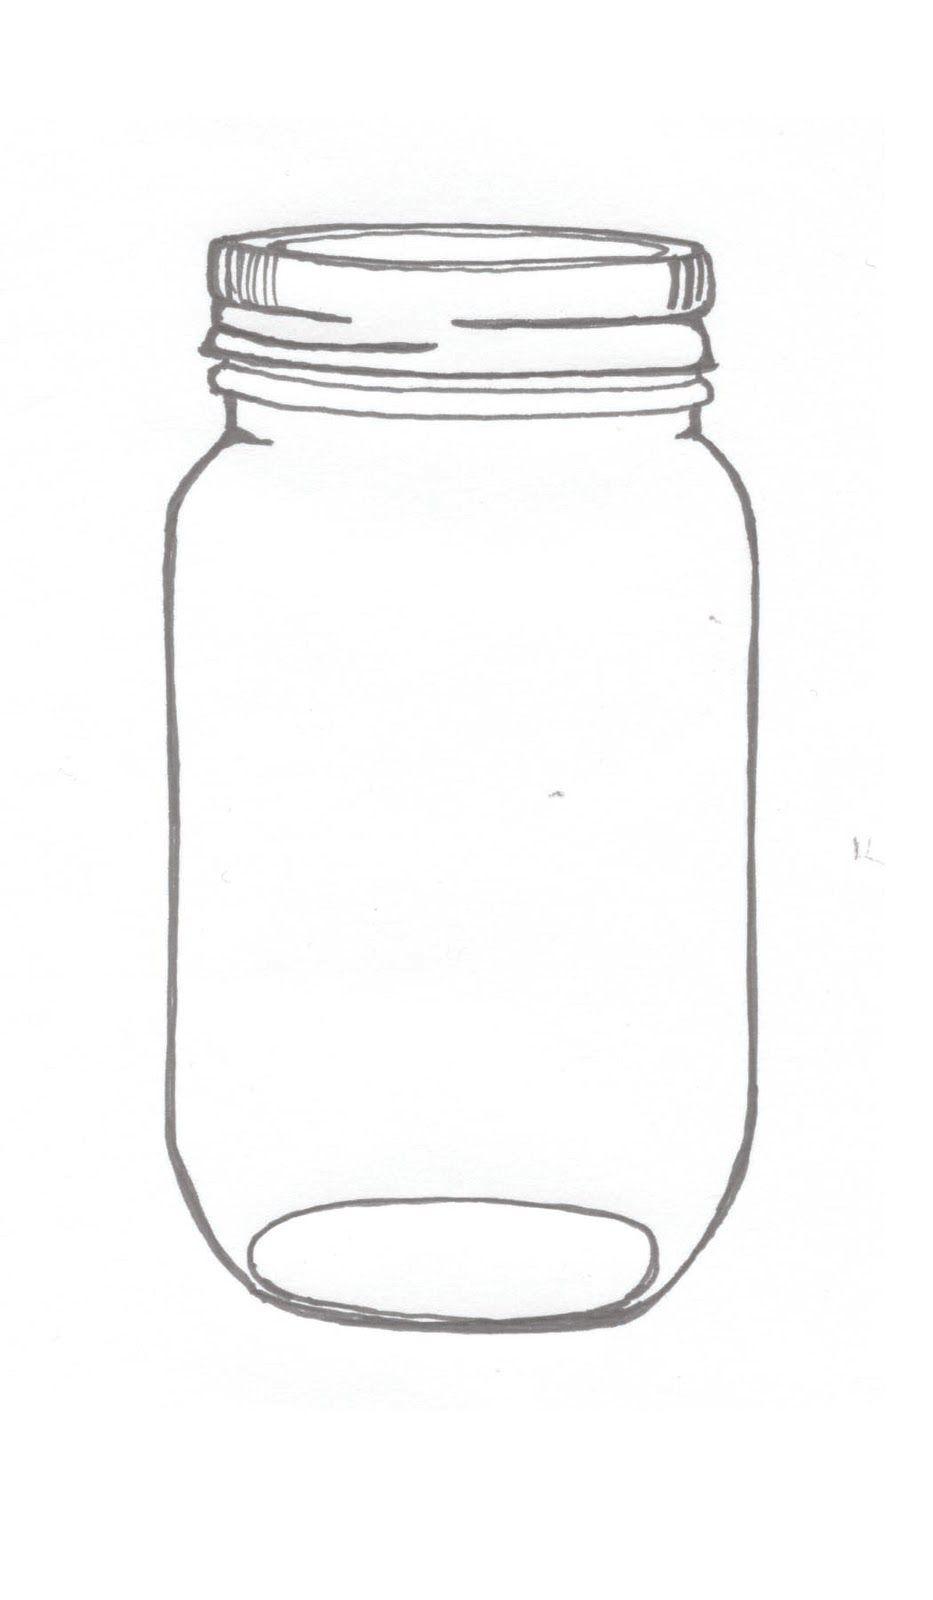 Mason Jar Illustrations An Ink Drawing Of A Mason Jar Related ...